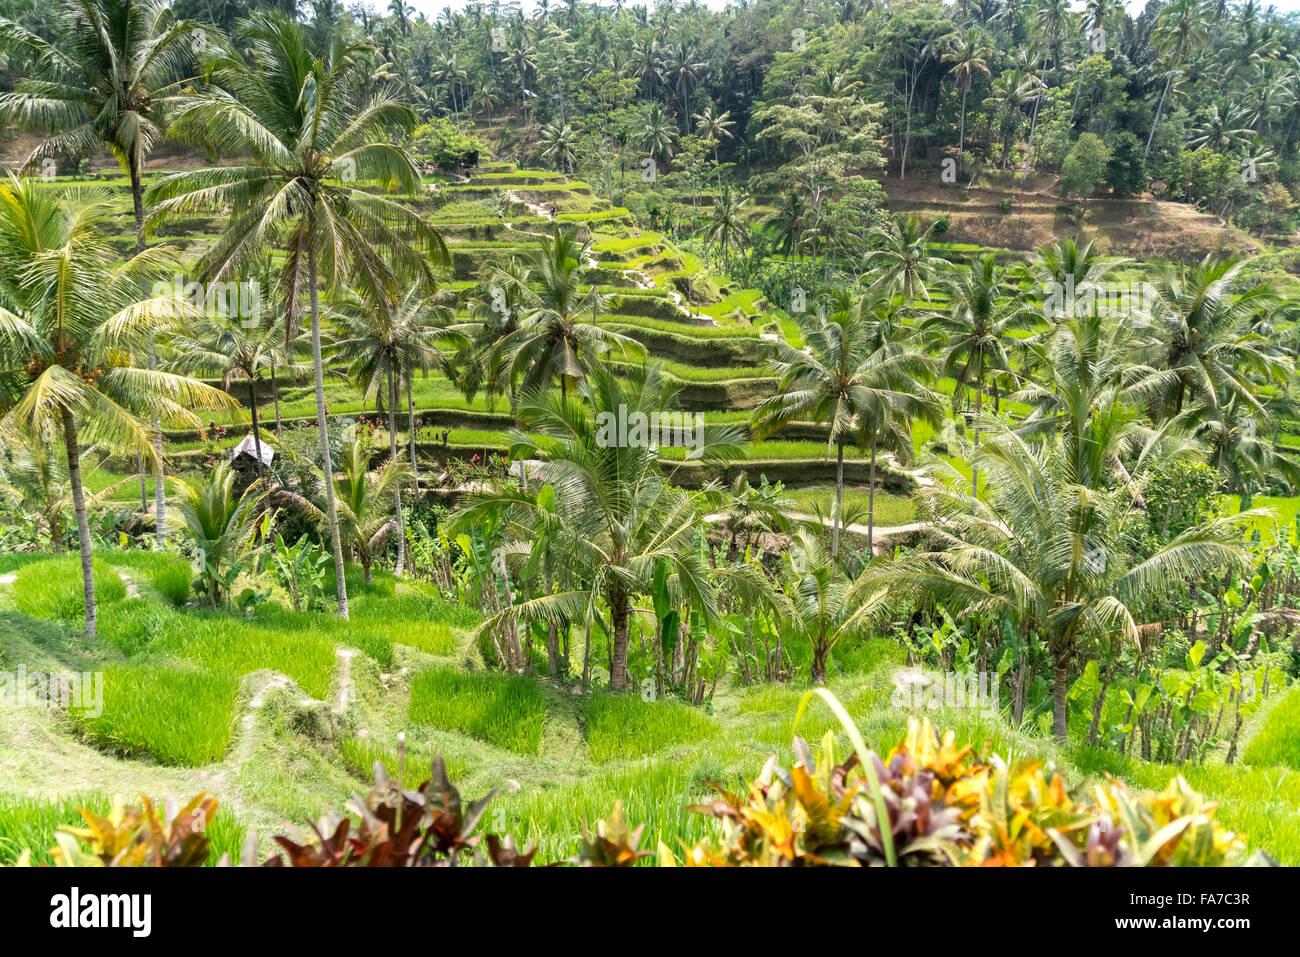 Terrazas de arroz de Tegalalang Ubud, Bali, Indonesia Imagen De Stock